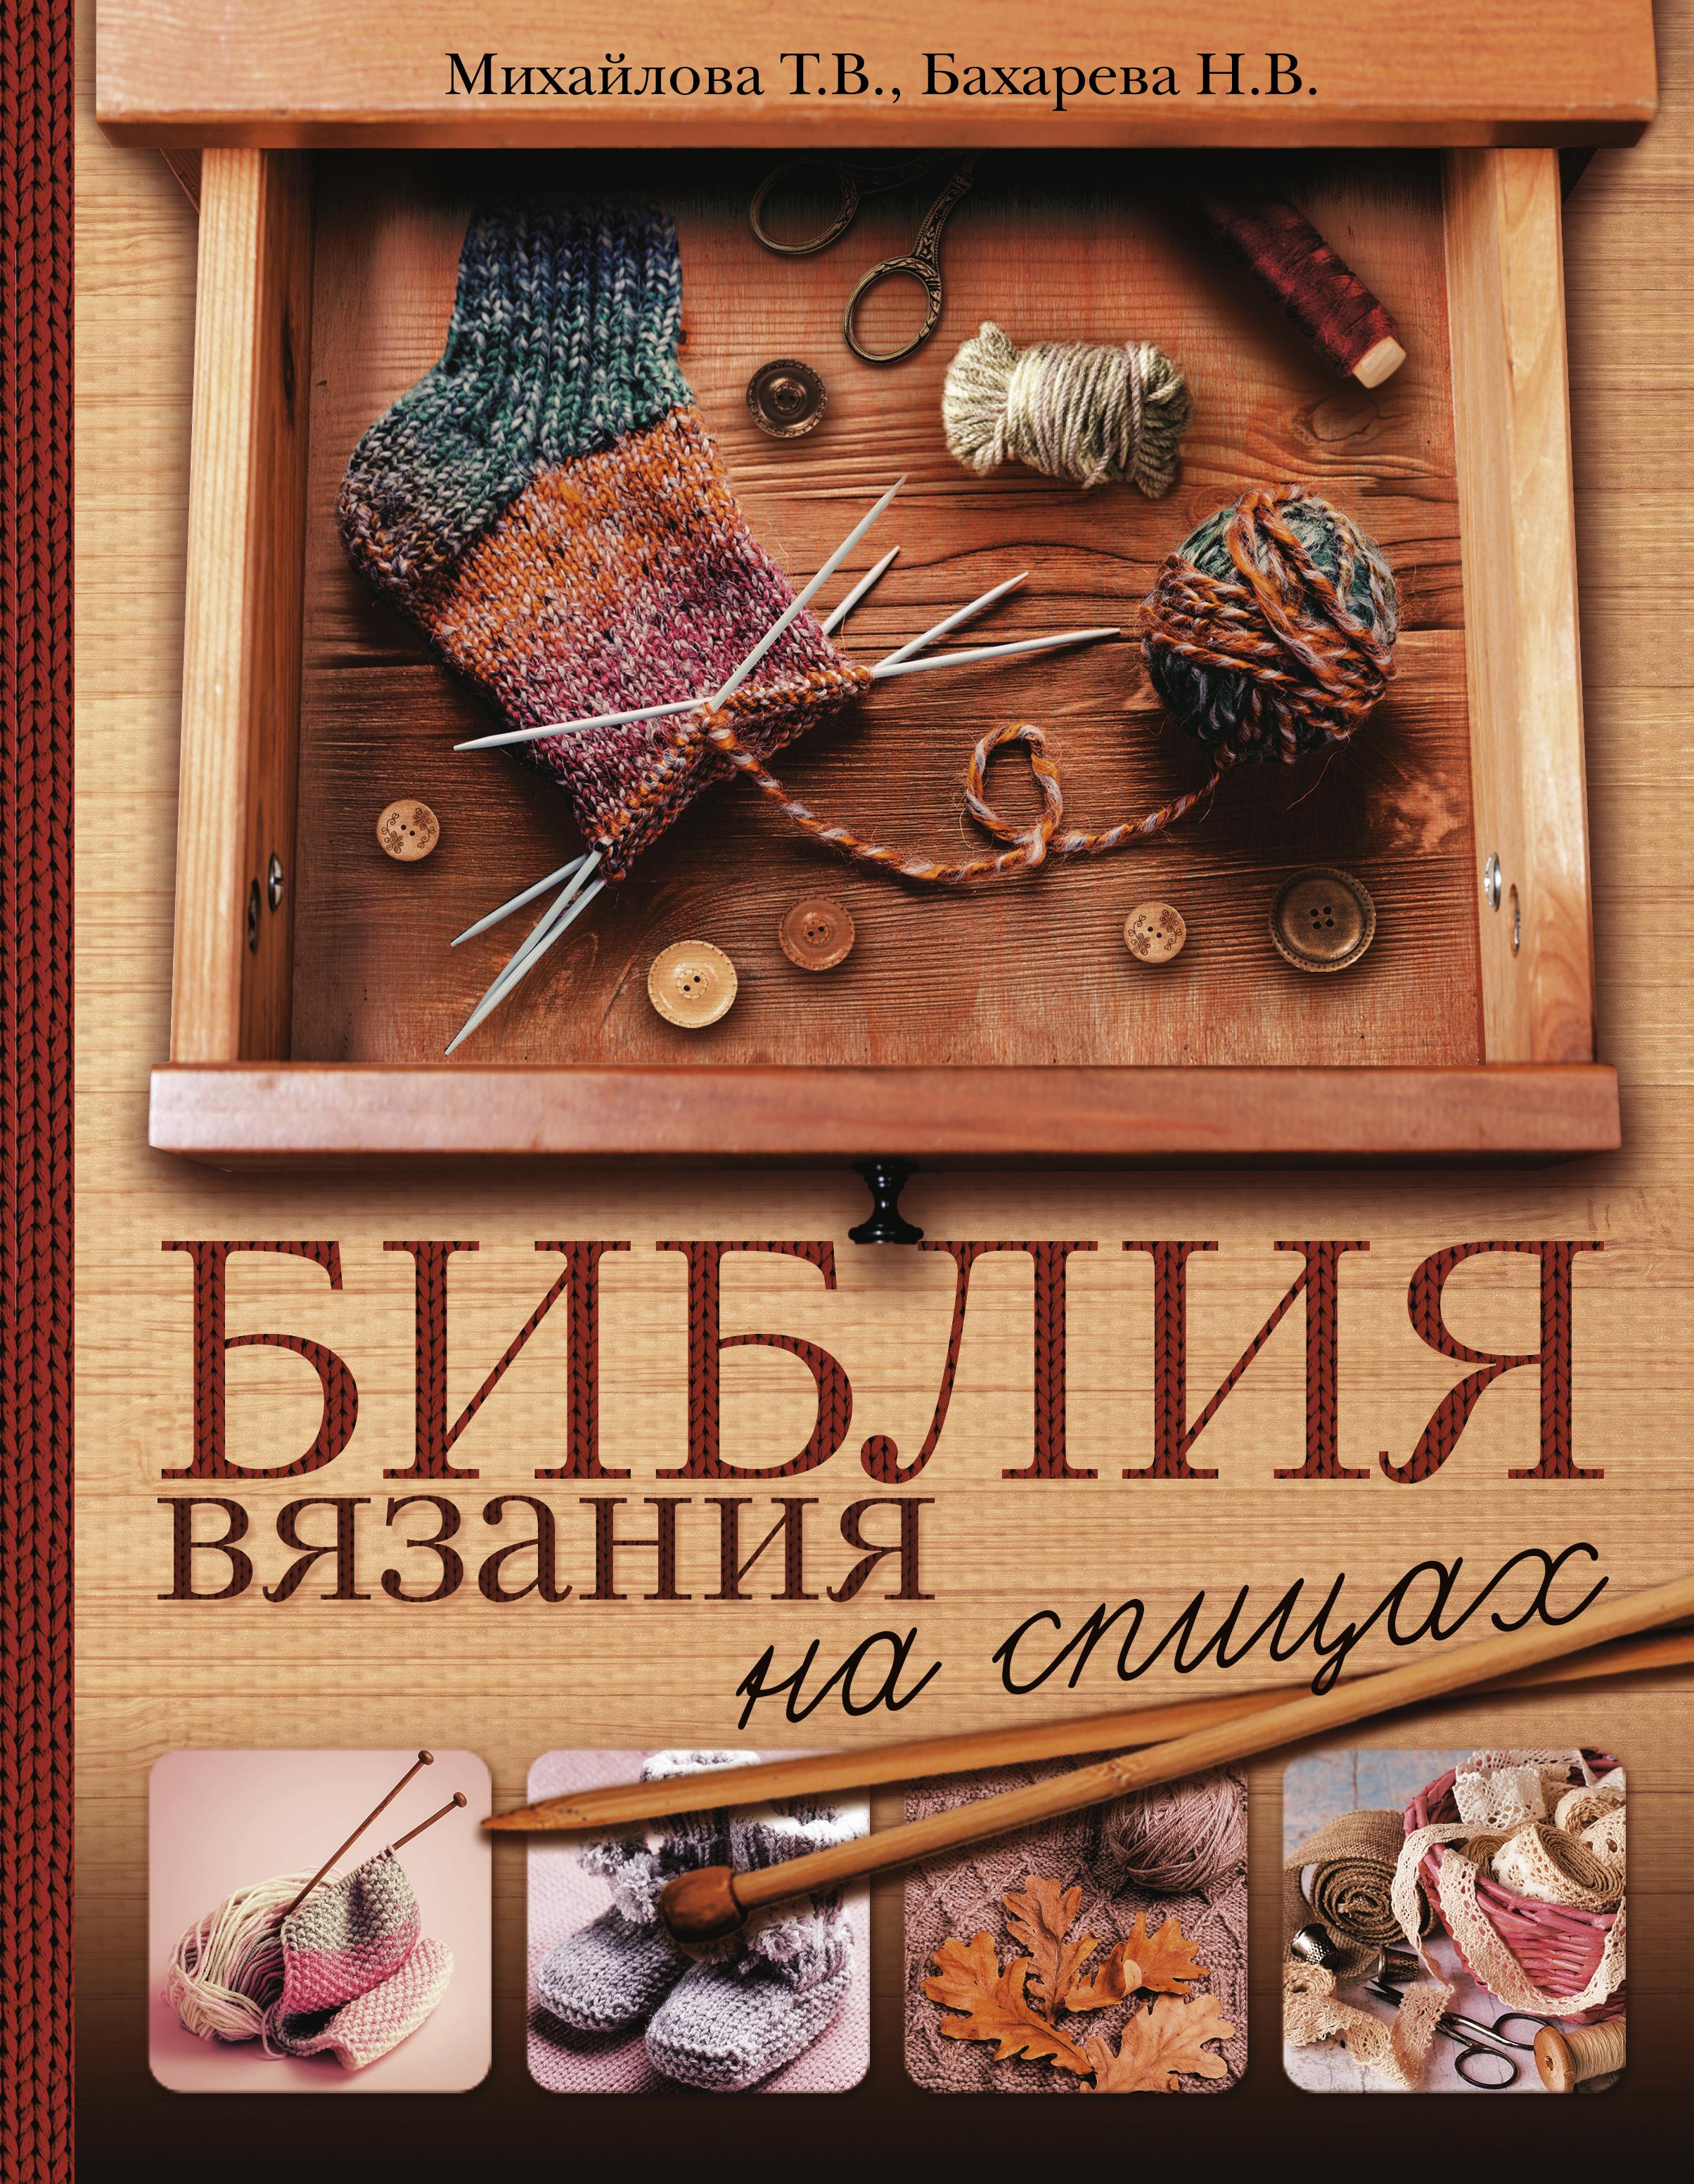 Т. В. Михайлова Библия вязания на спицах